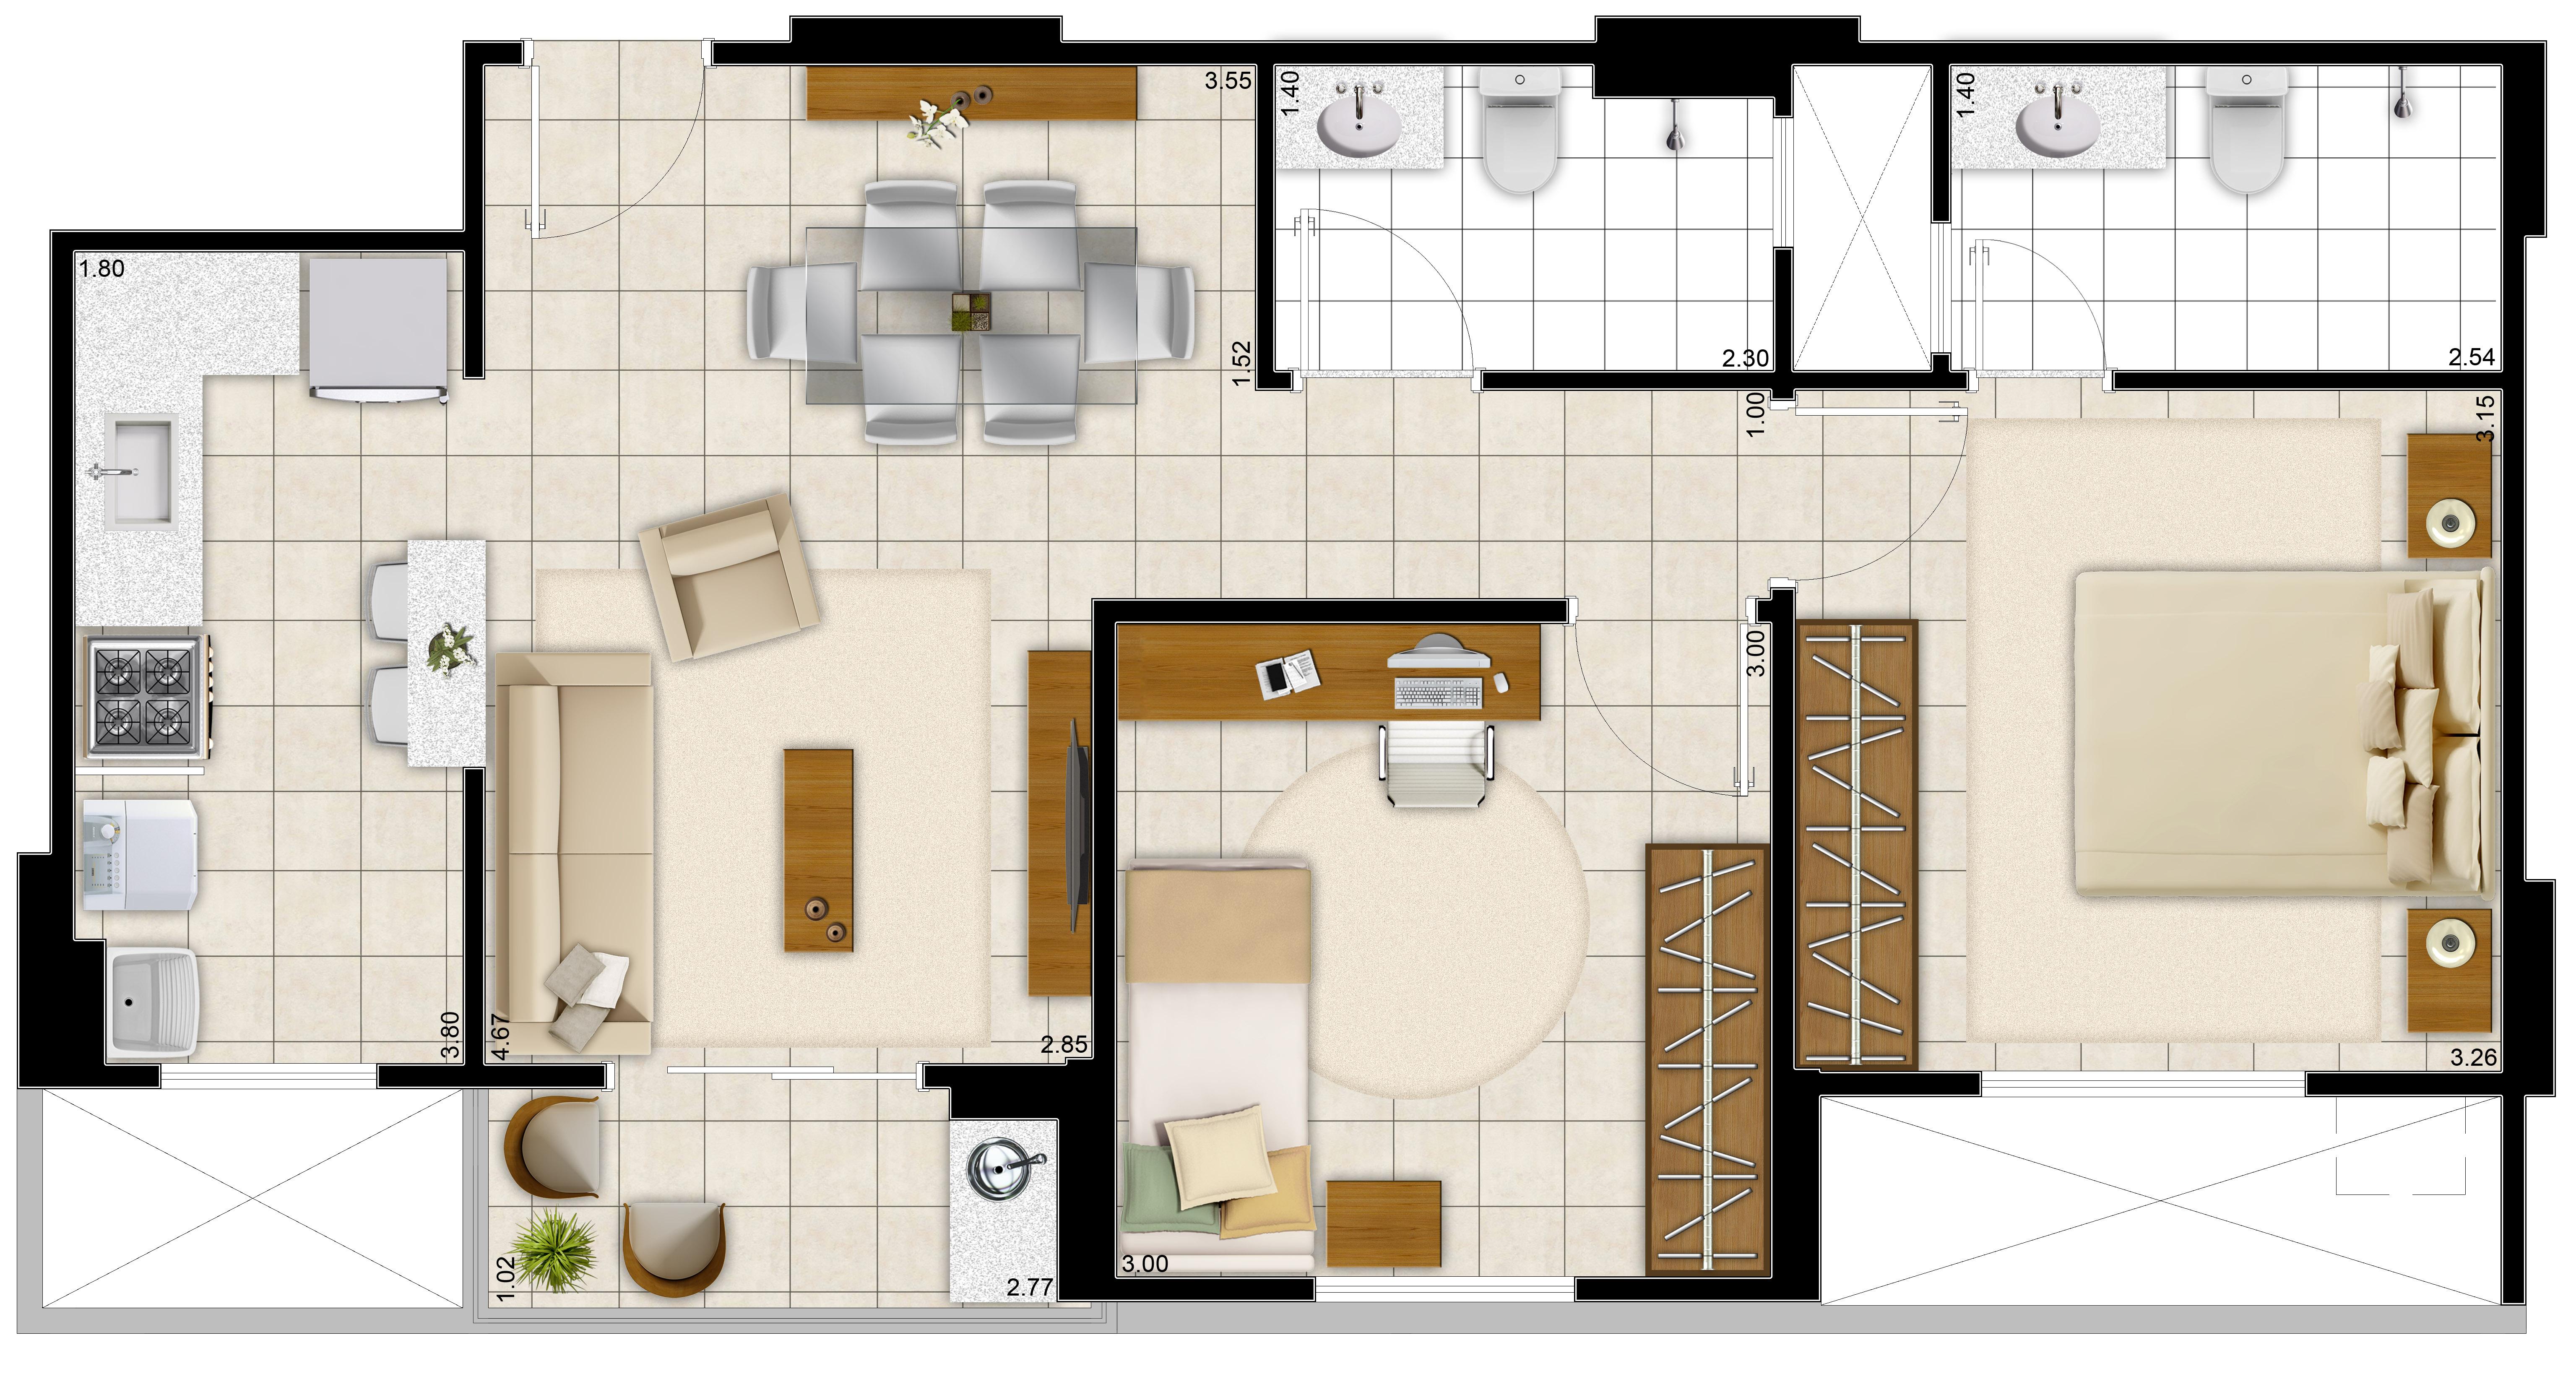 Planta de casas com 2 quartos e cozinha americana modelo grande (Foto  #936930 6142 3307